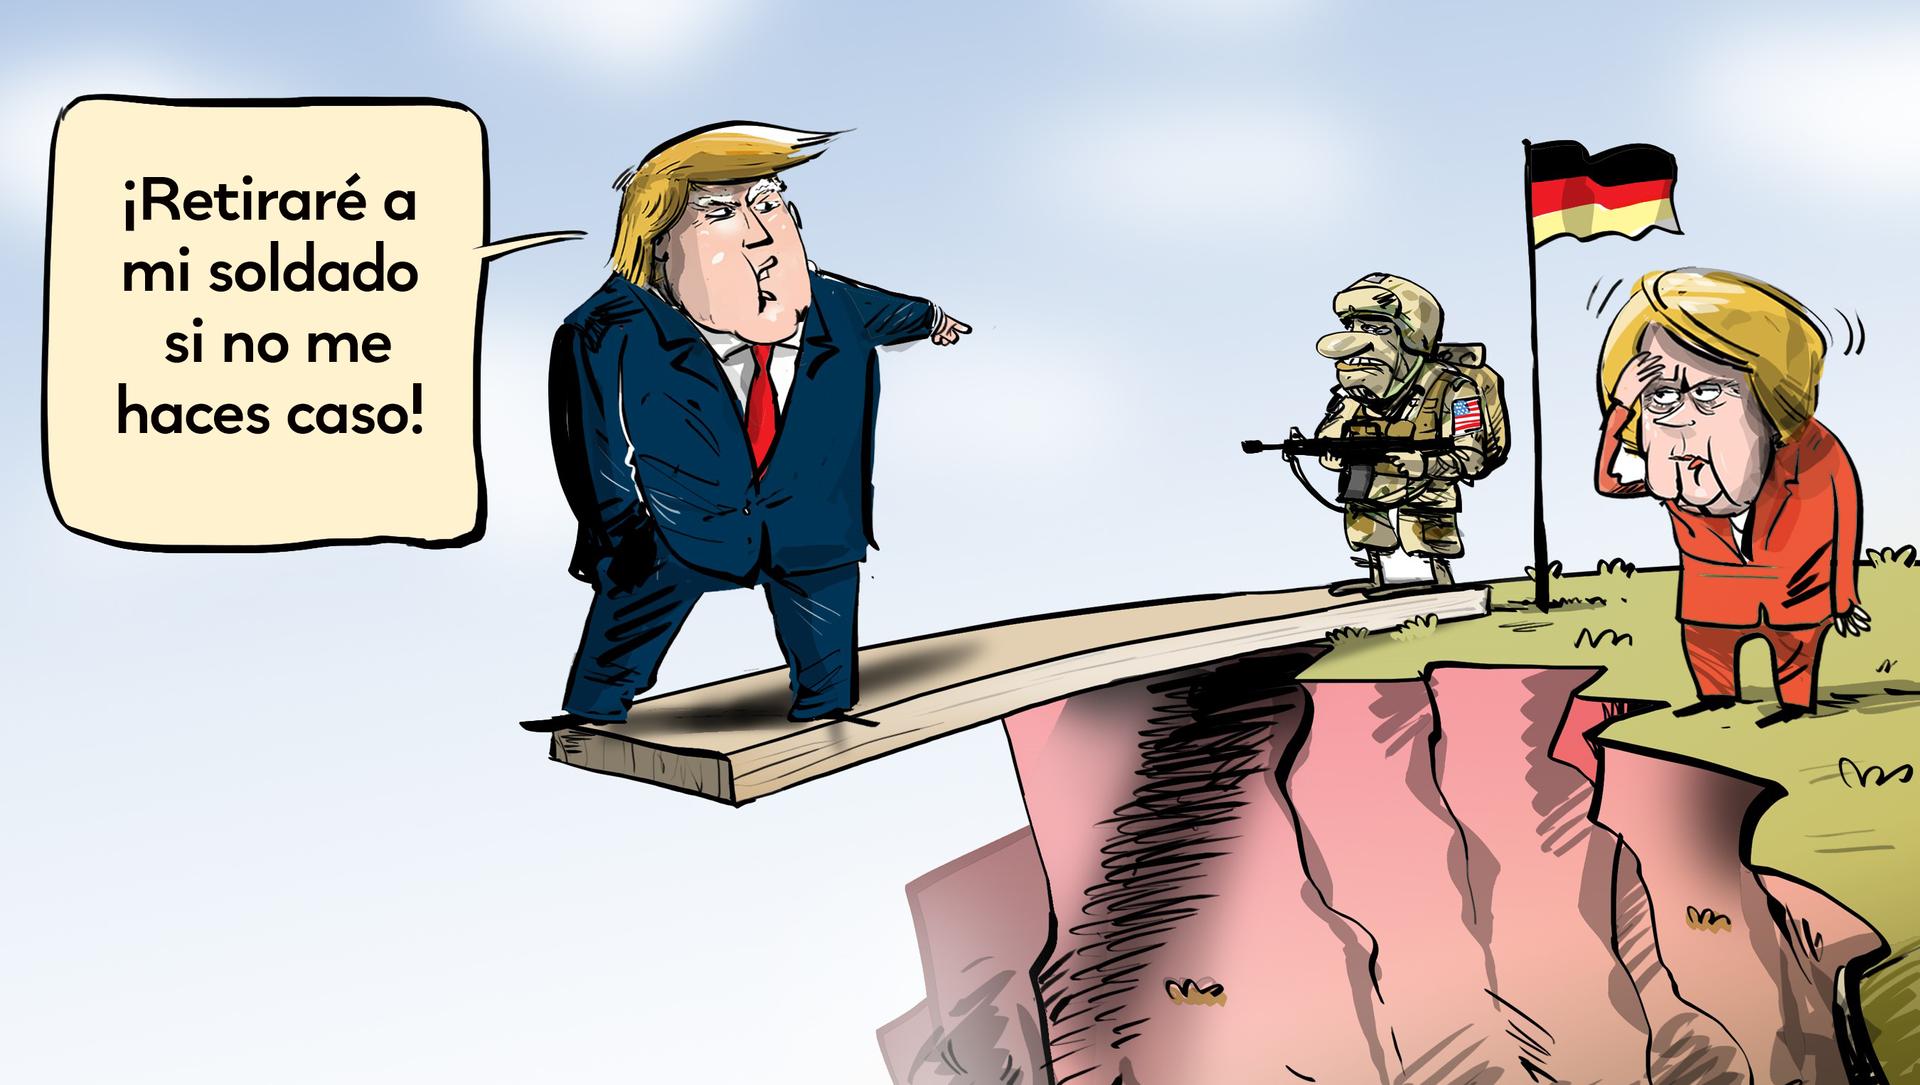 Alemania le responde a Trump sobre la permanencia de las tropas de EEUU - Sputnik Mundo, 1920, 16.06.2020